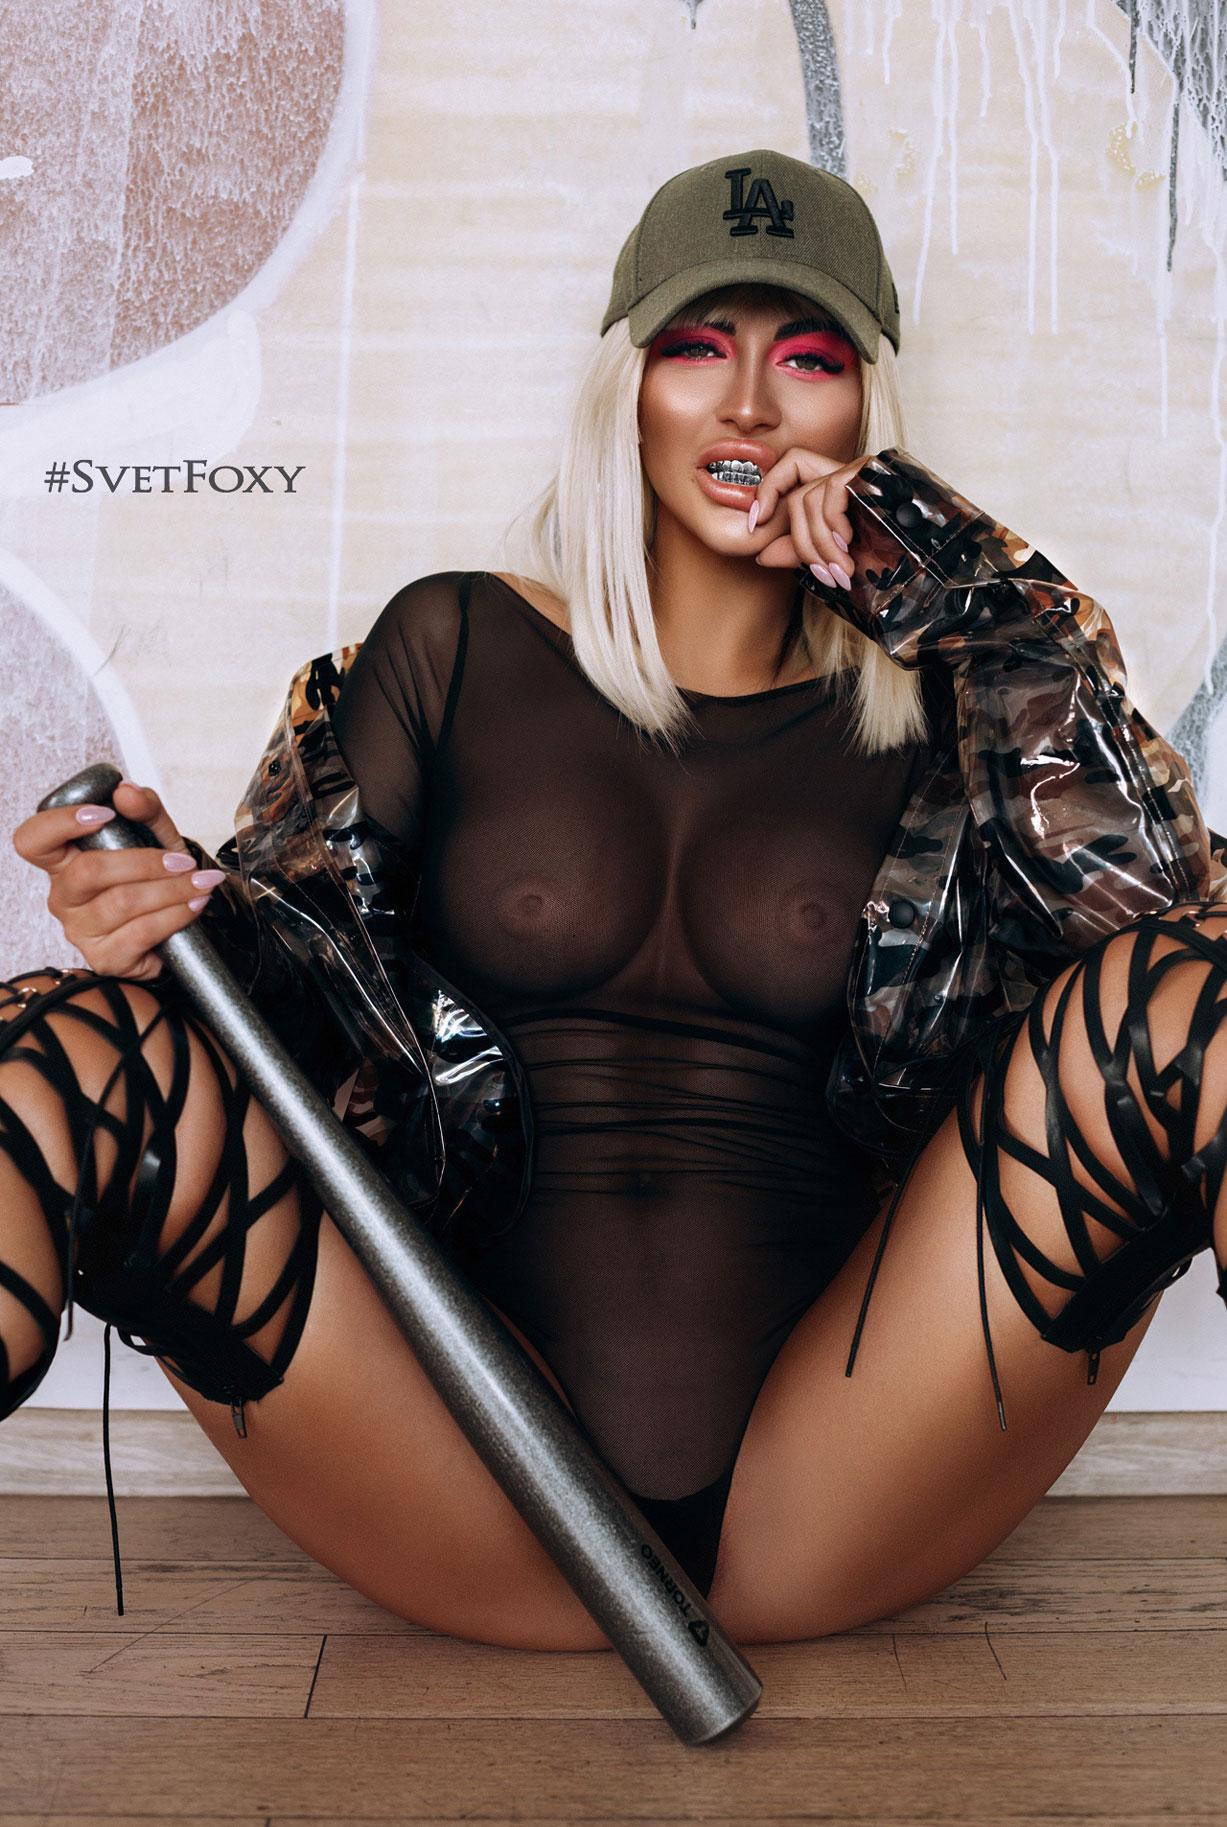 Сексуальная Екатерина Злобина / фото 15